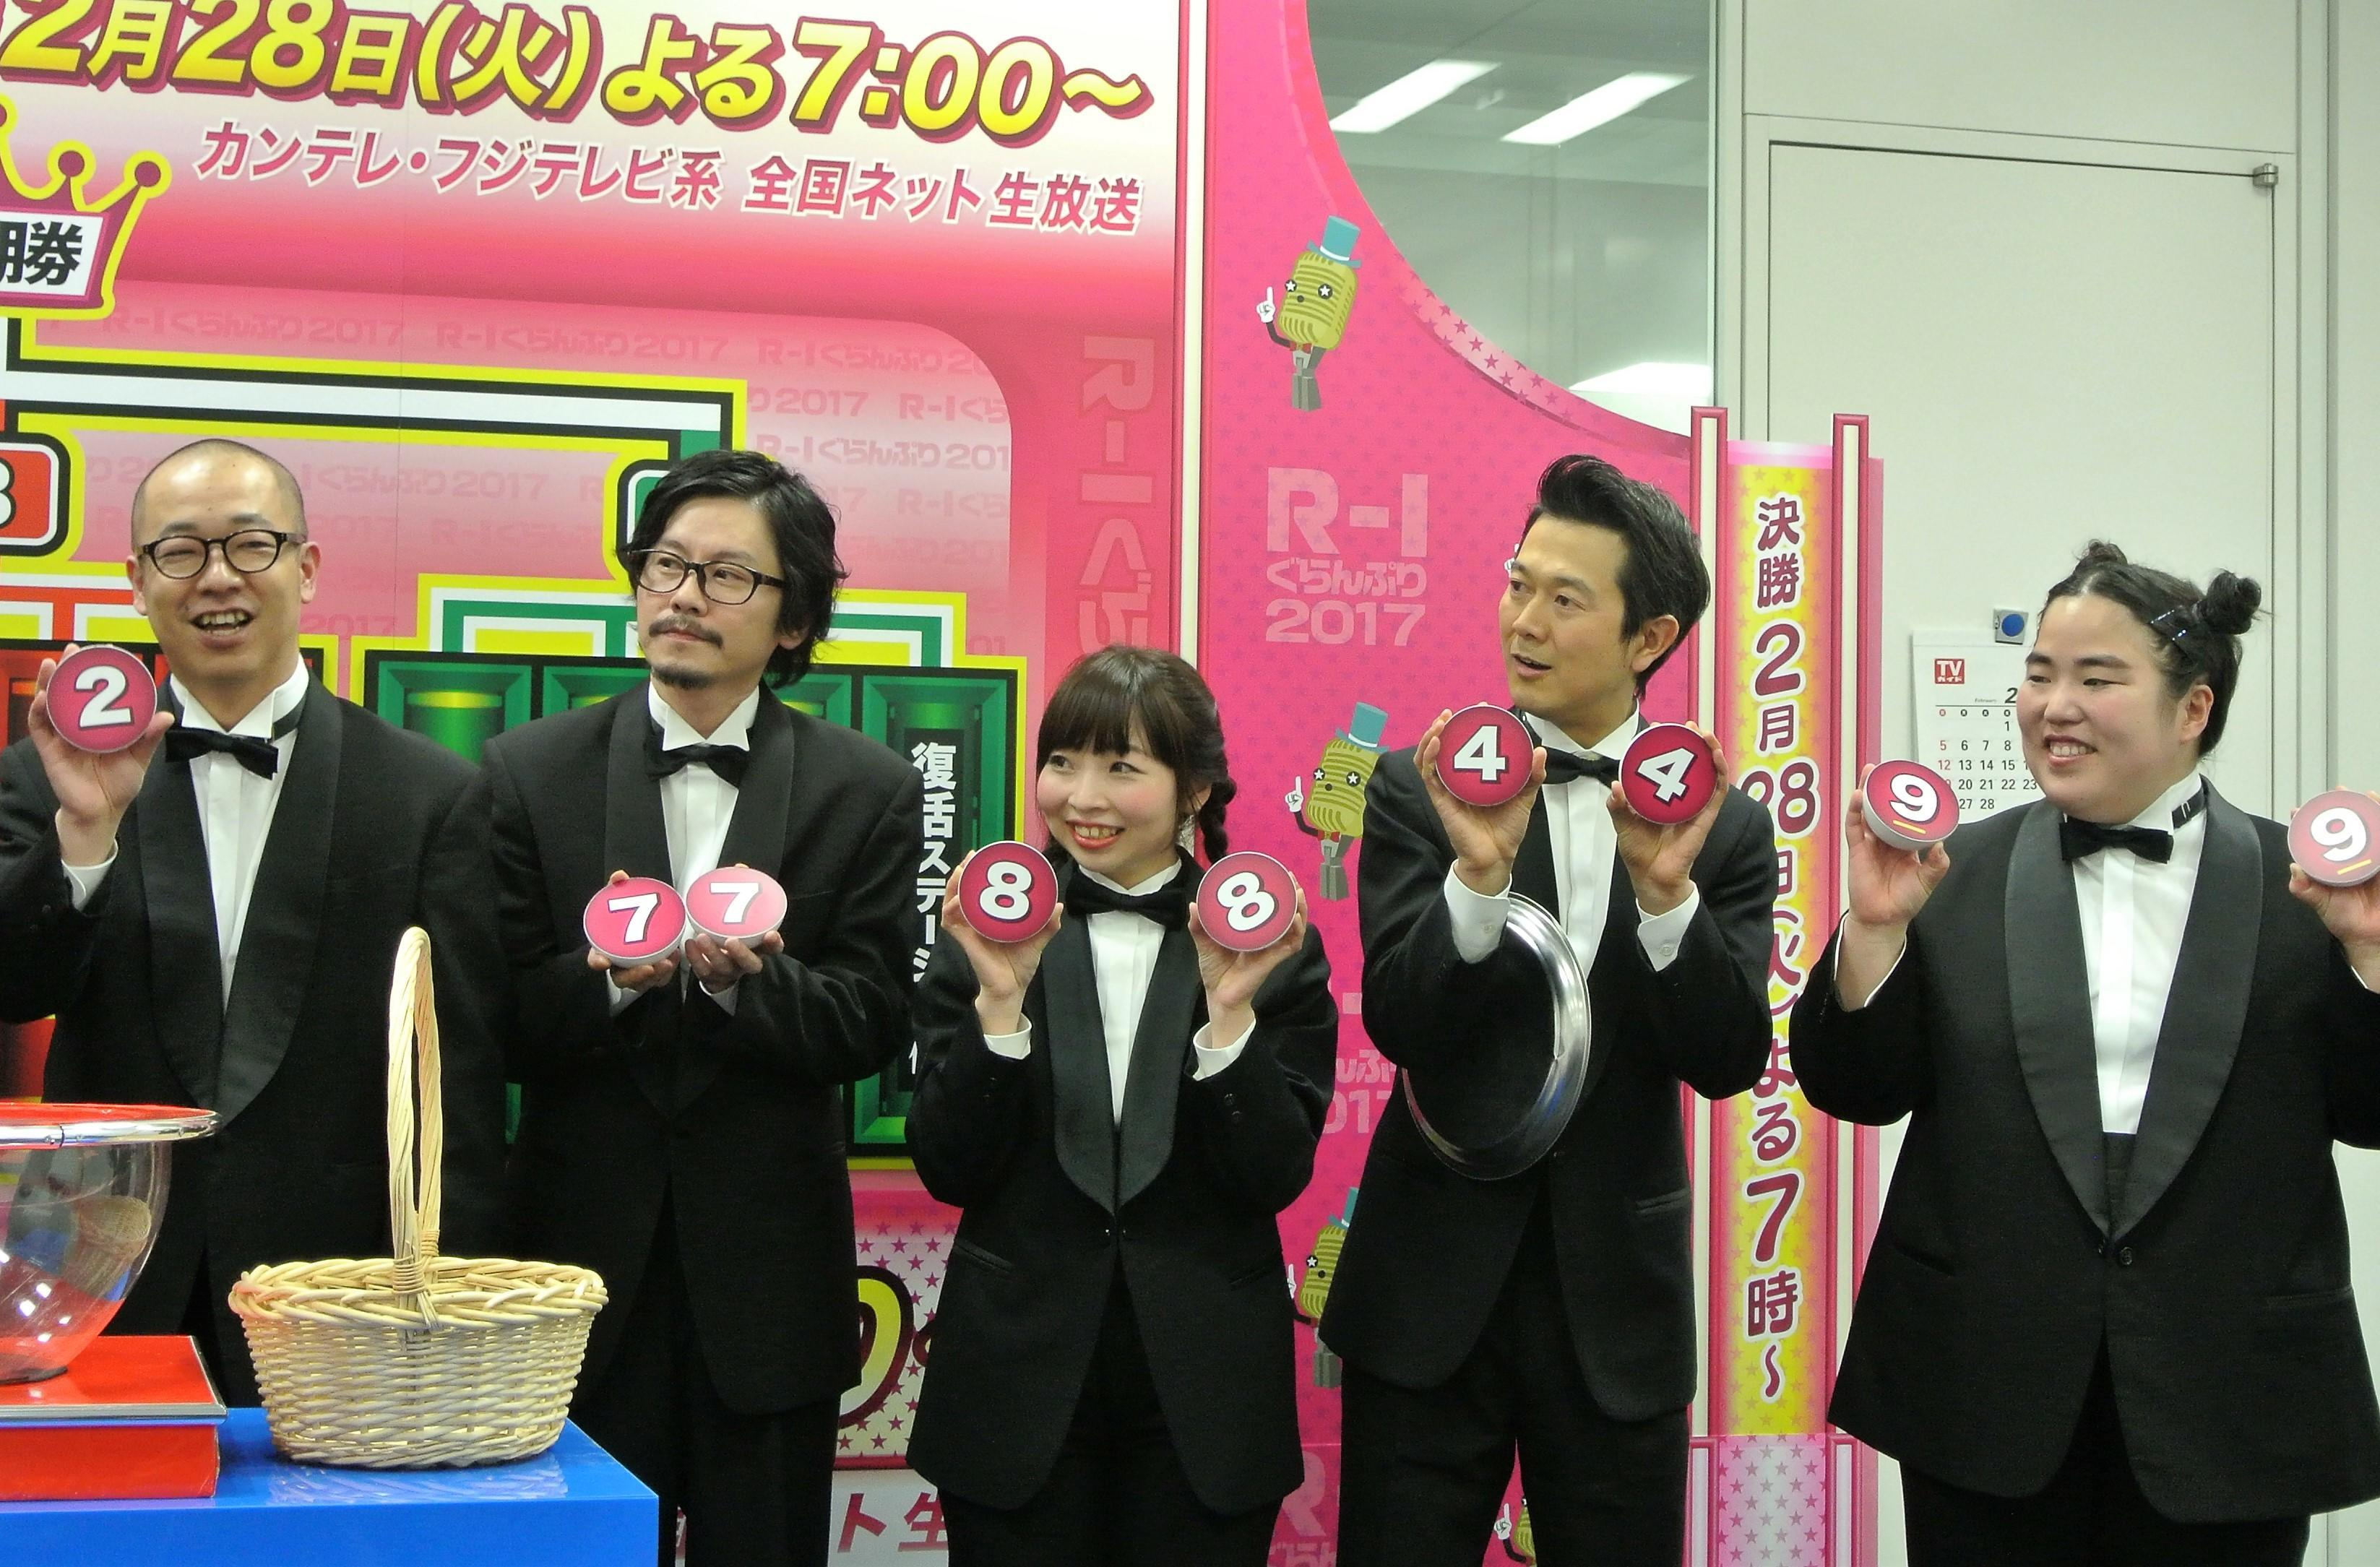 http://news.yoshimoto.co.jp/20170221110236-f53a7408de6bc2c3c242a6bb262bef77a4e94a6a.jpg